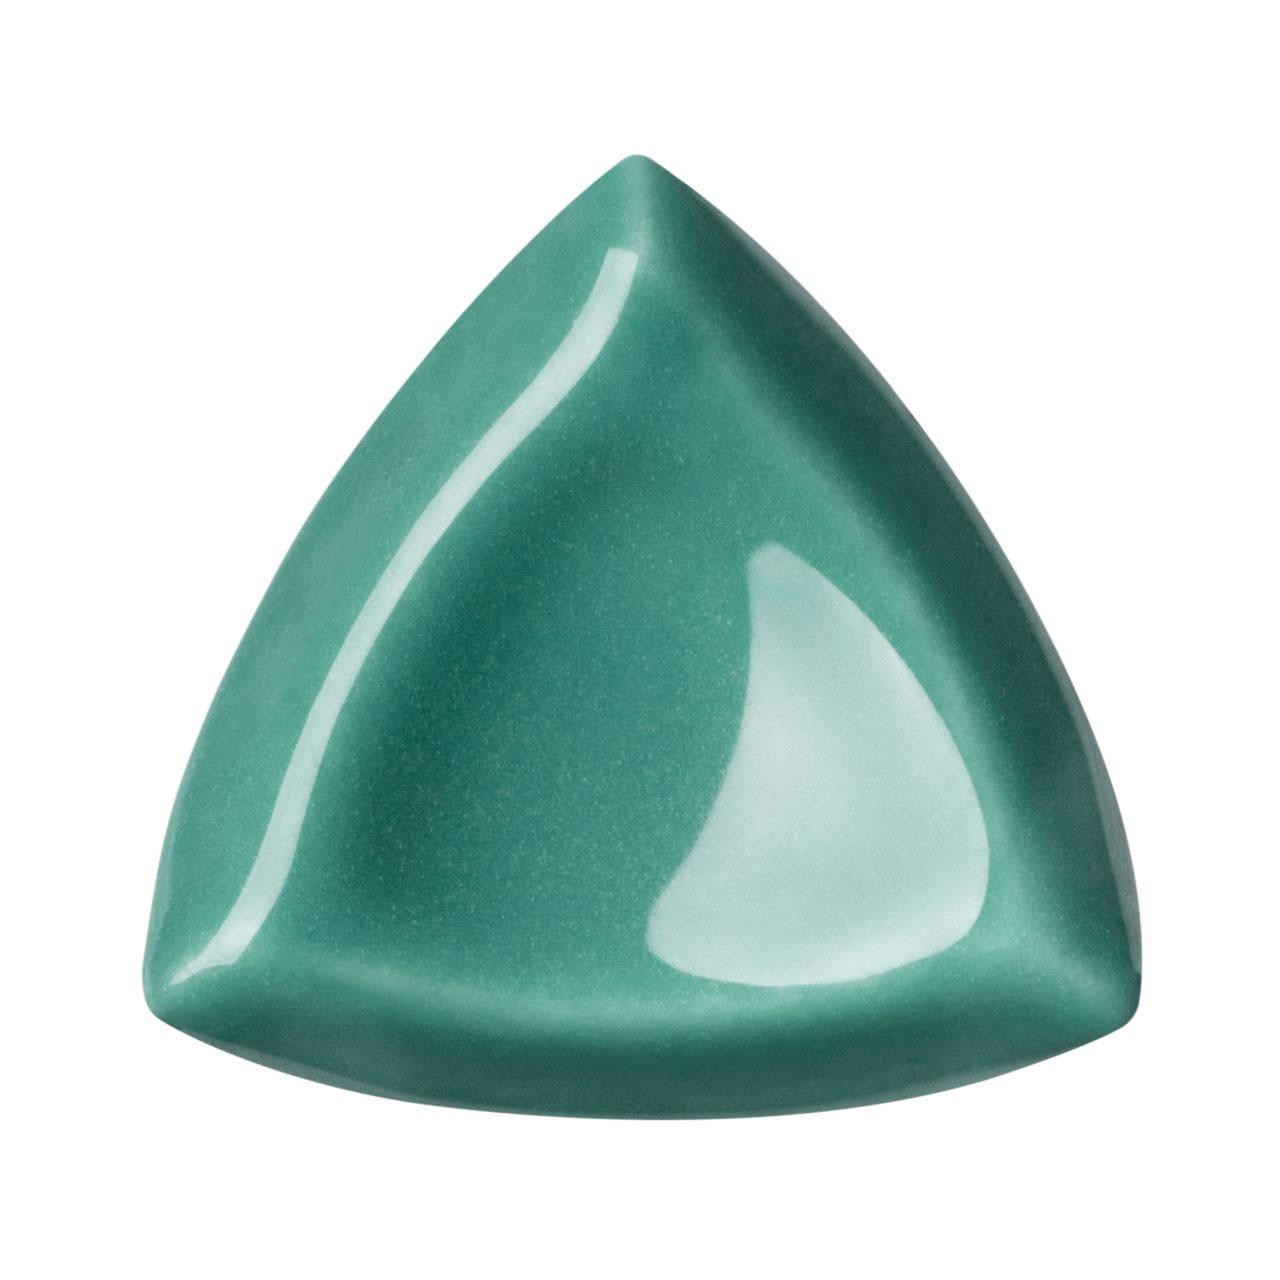 noronha jade castanha i br 2,5×2,5